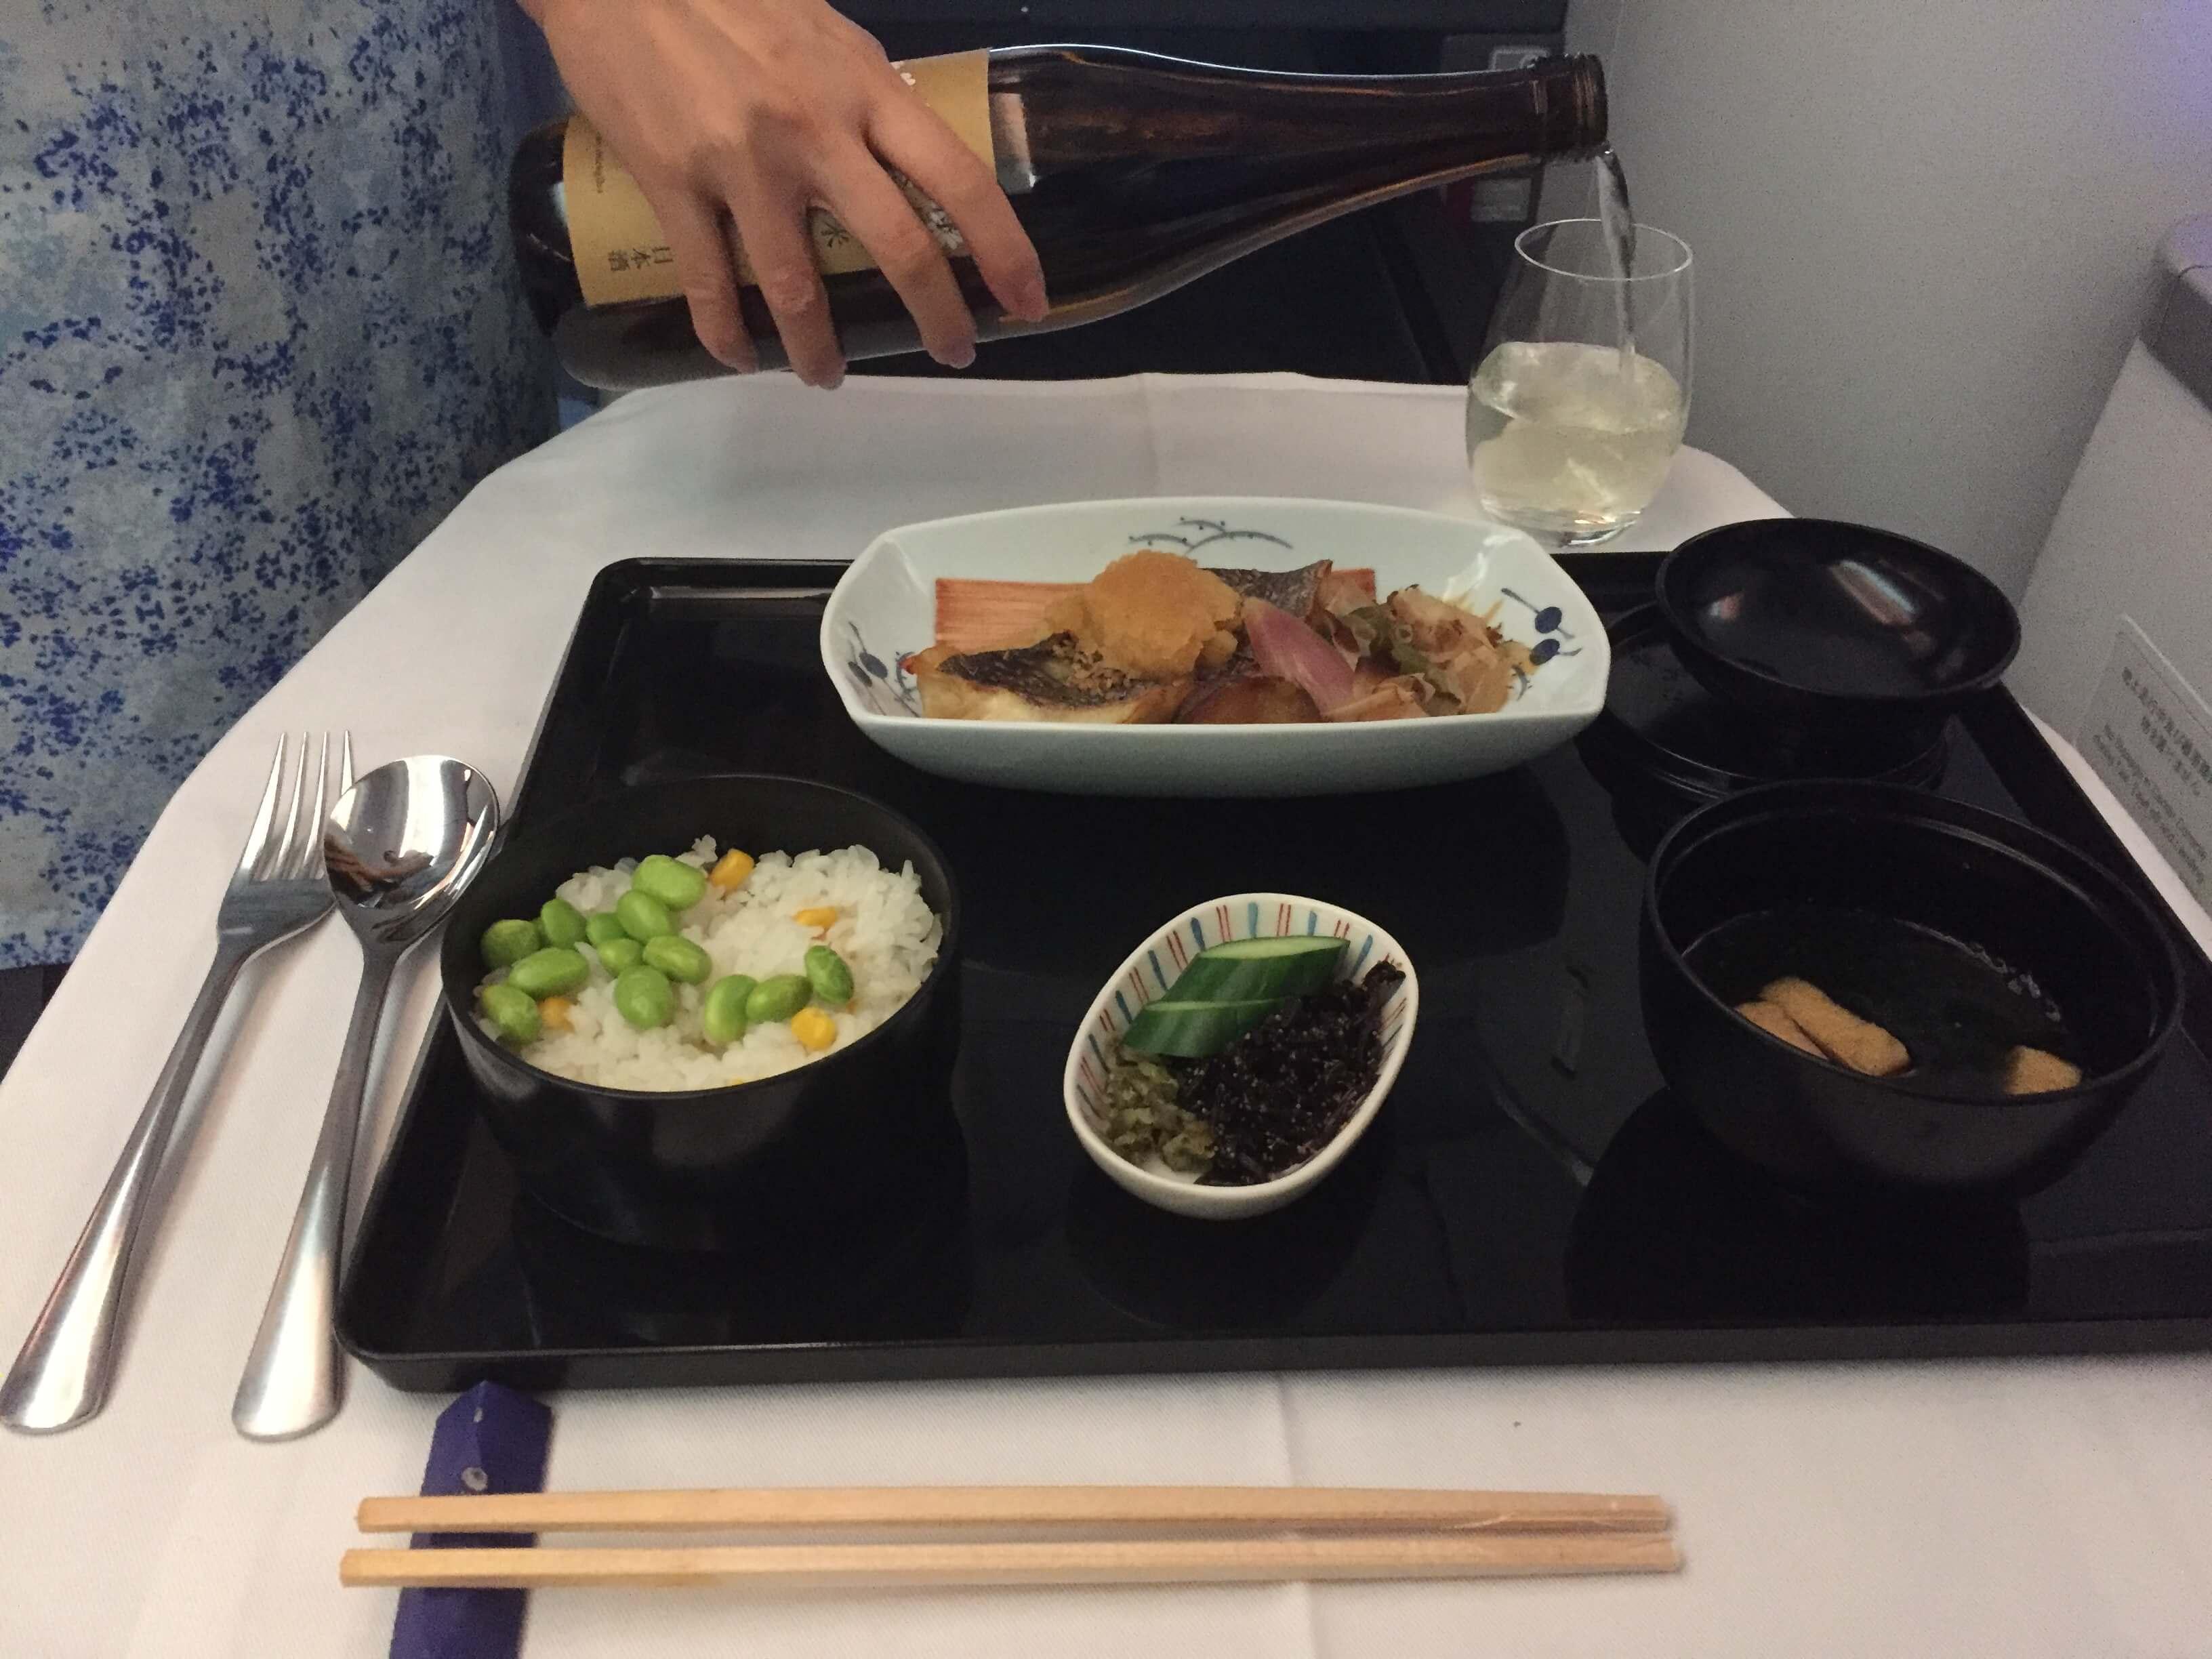 成田→メキシコシティのビジネスクラス「ANA BUSINESS STAGGERED」フルフラットシートの搭乗レビュー!